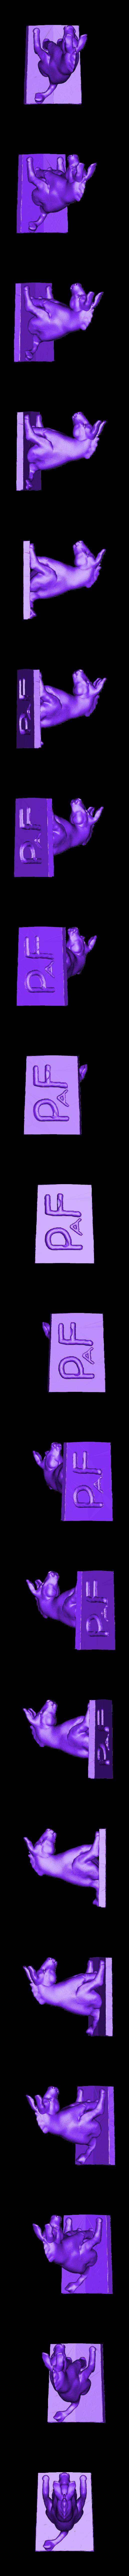 donkey_in__sitting_position.stl Télécharger fichier OBJ gratuit Un âne simple en position assise • Design pour imprimante 3D, Pza4Rza